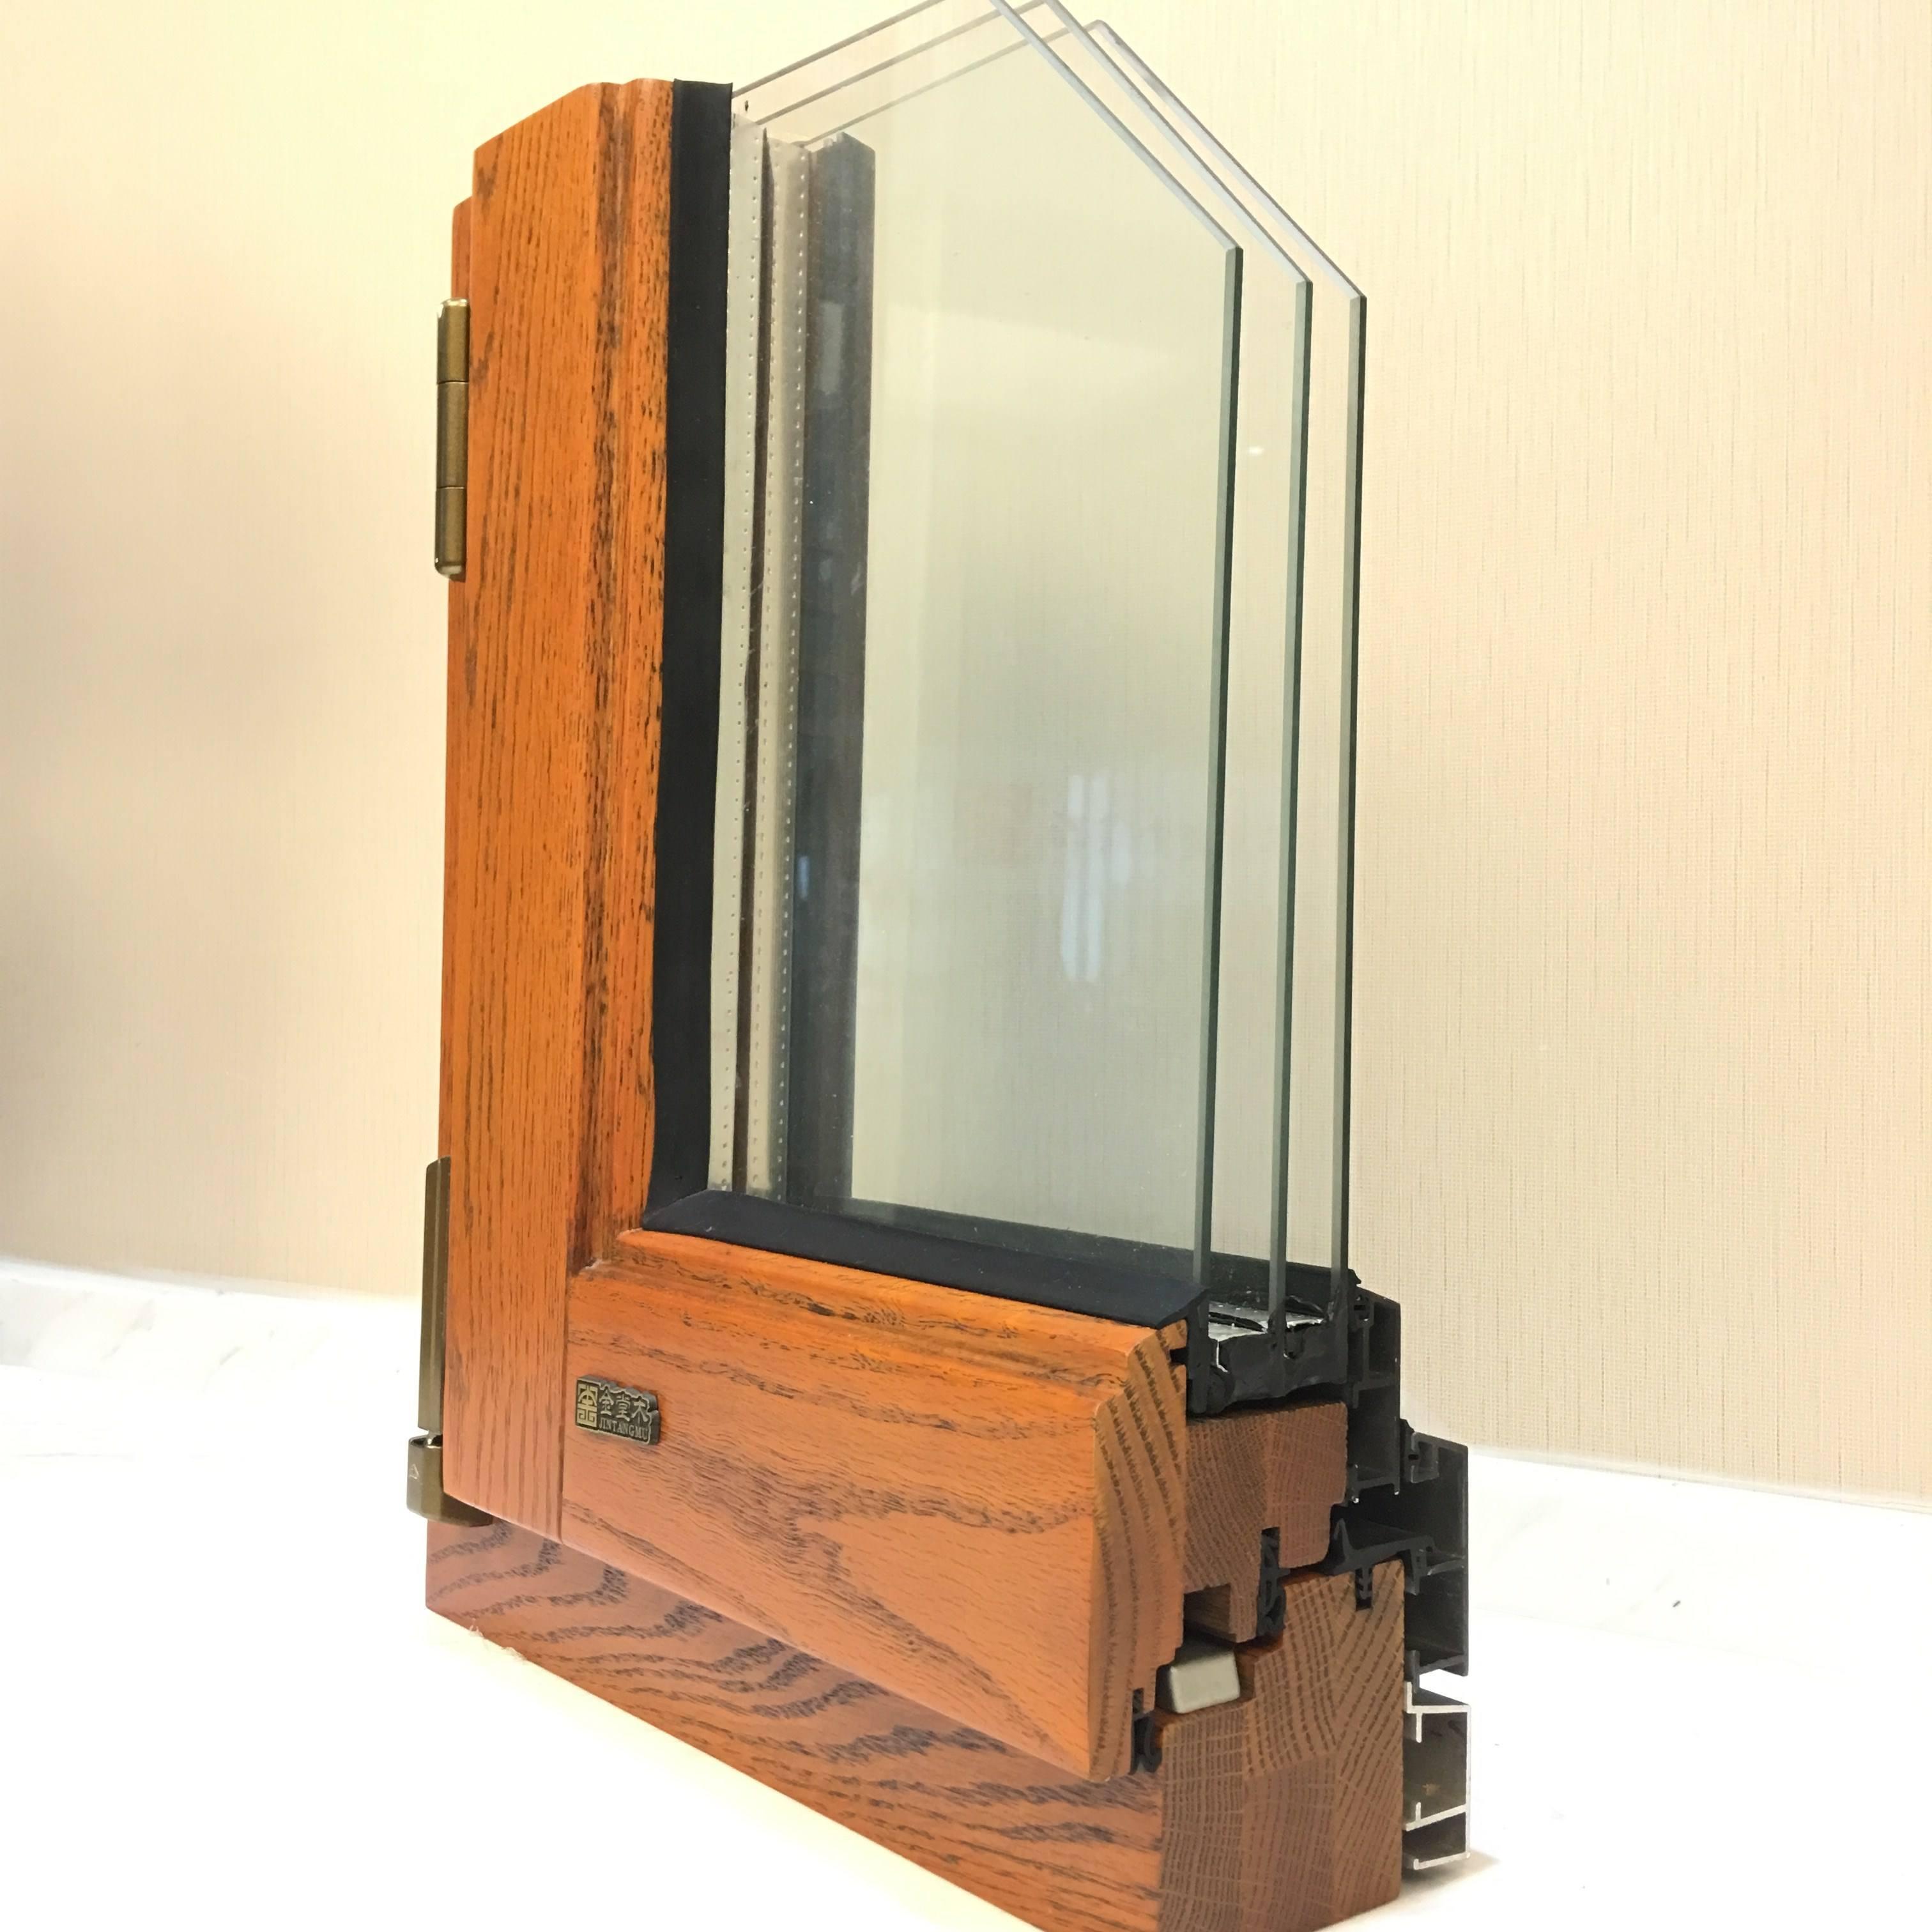 Алюминиевые деревянные окна и двери, алюминиевая рама, окна с двойным остеклением, стеклянные окна, цена